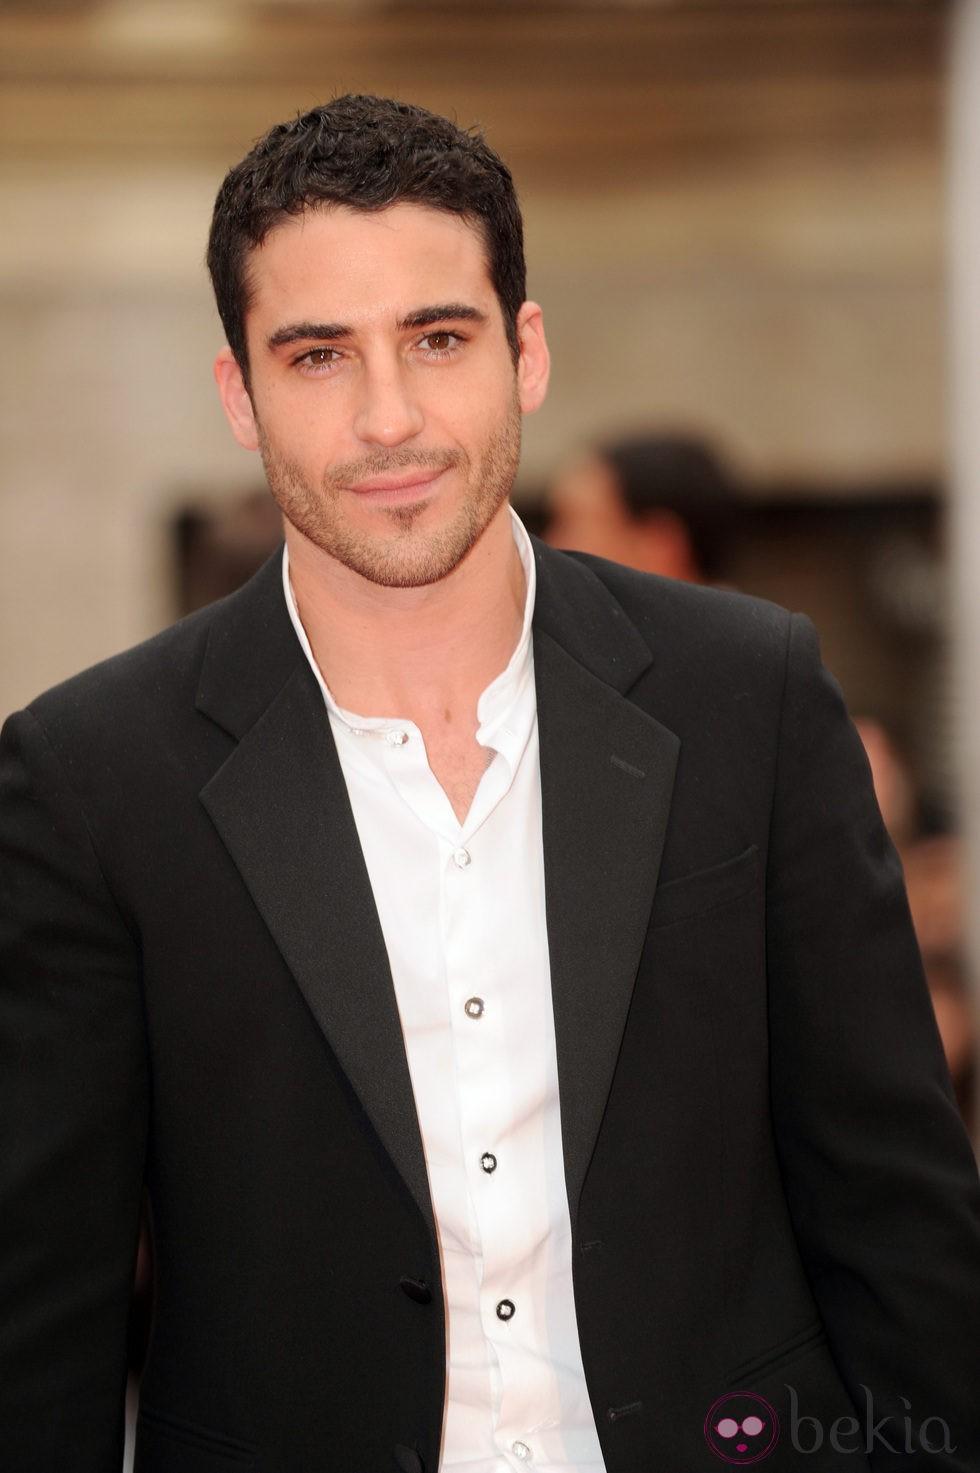 Miguel ngel silvestre los actores mas guapos - Miguel angel casas ...